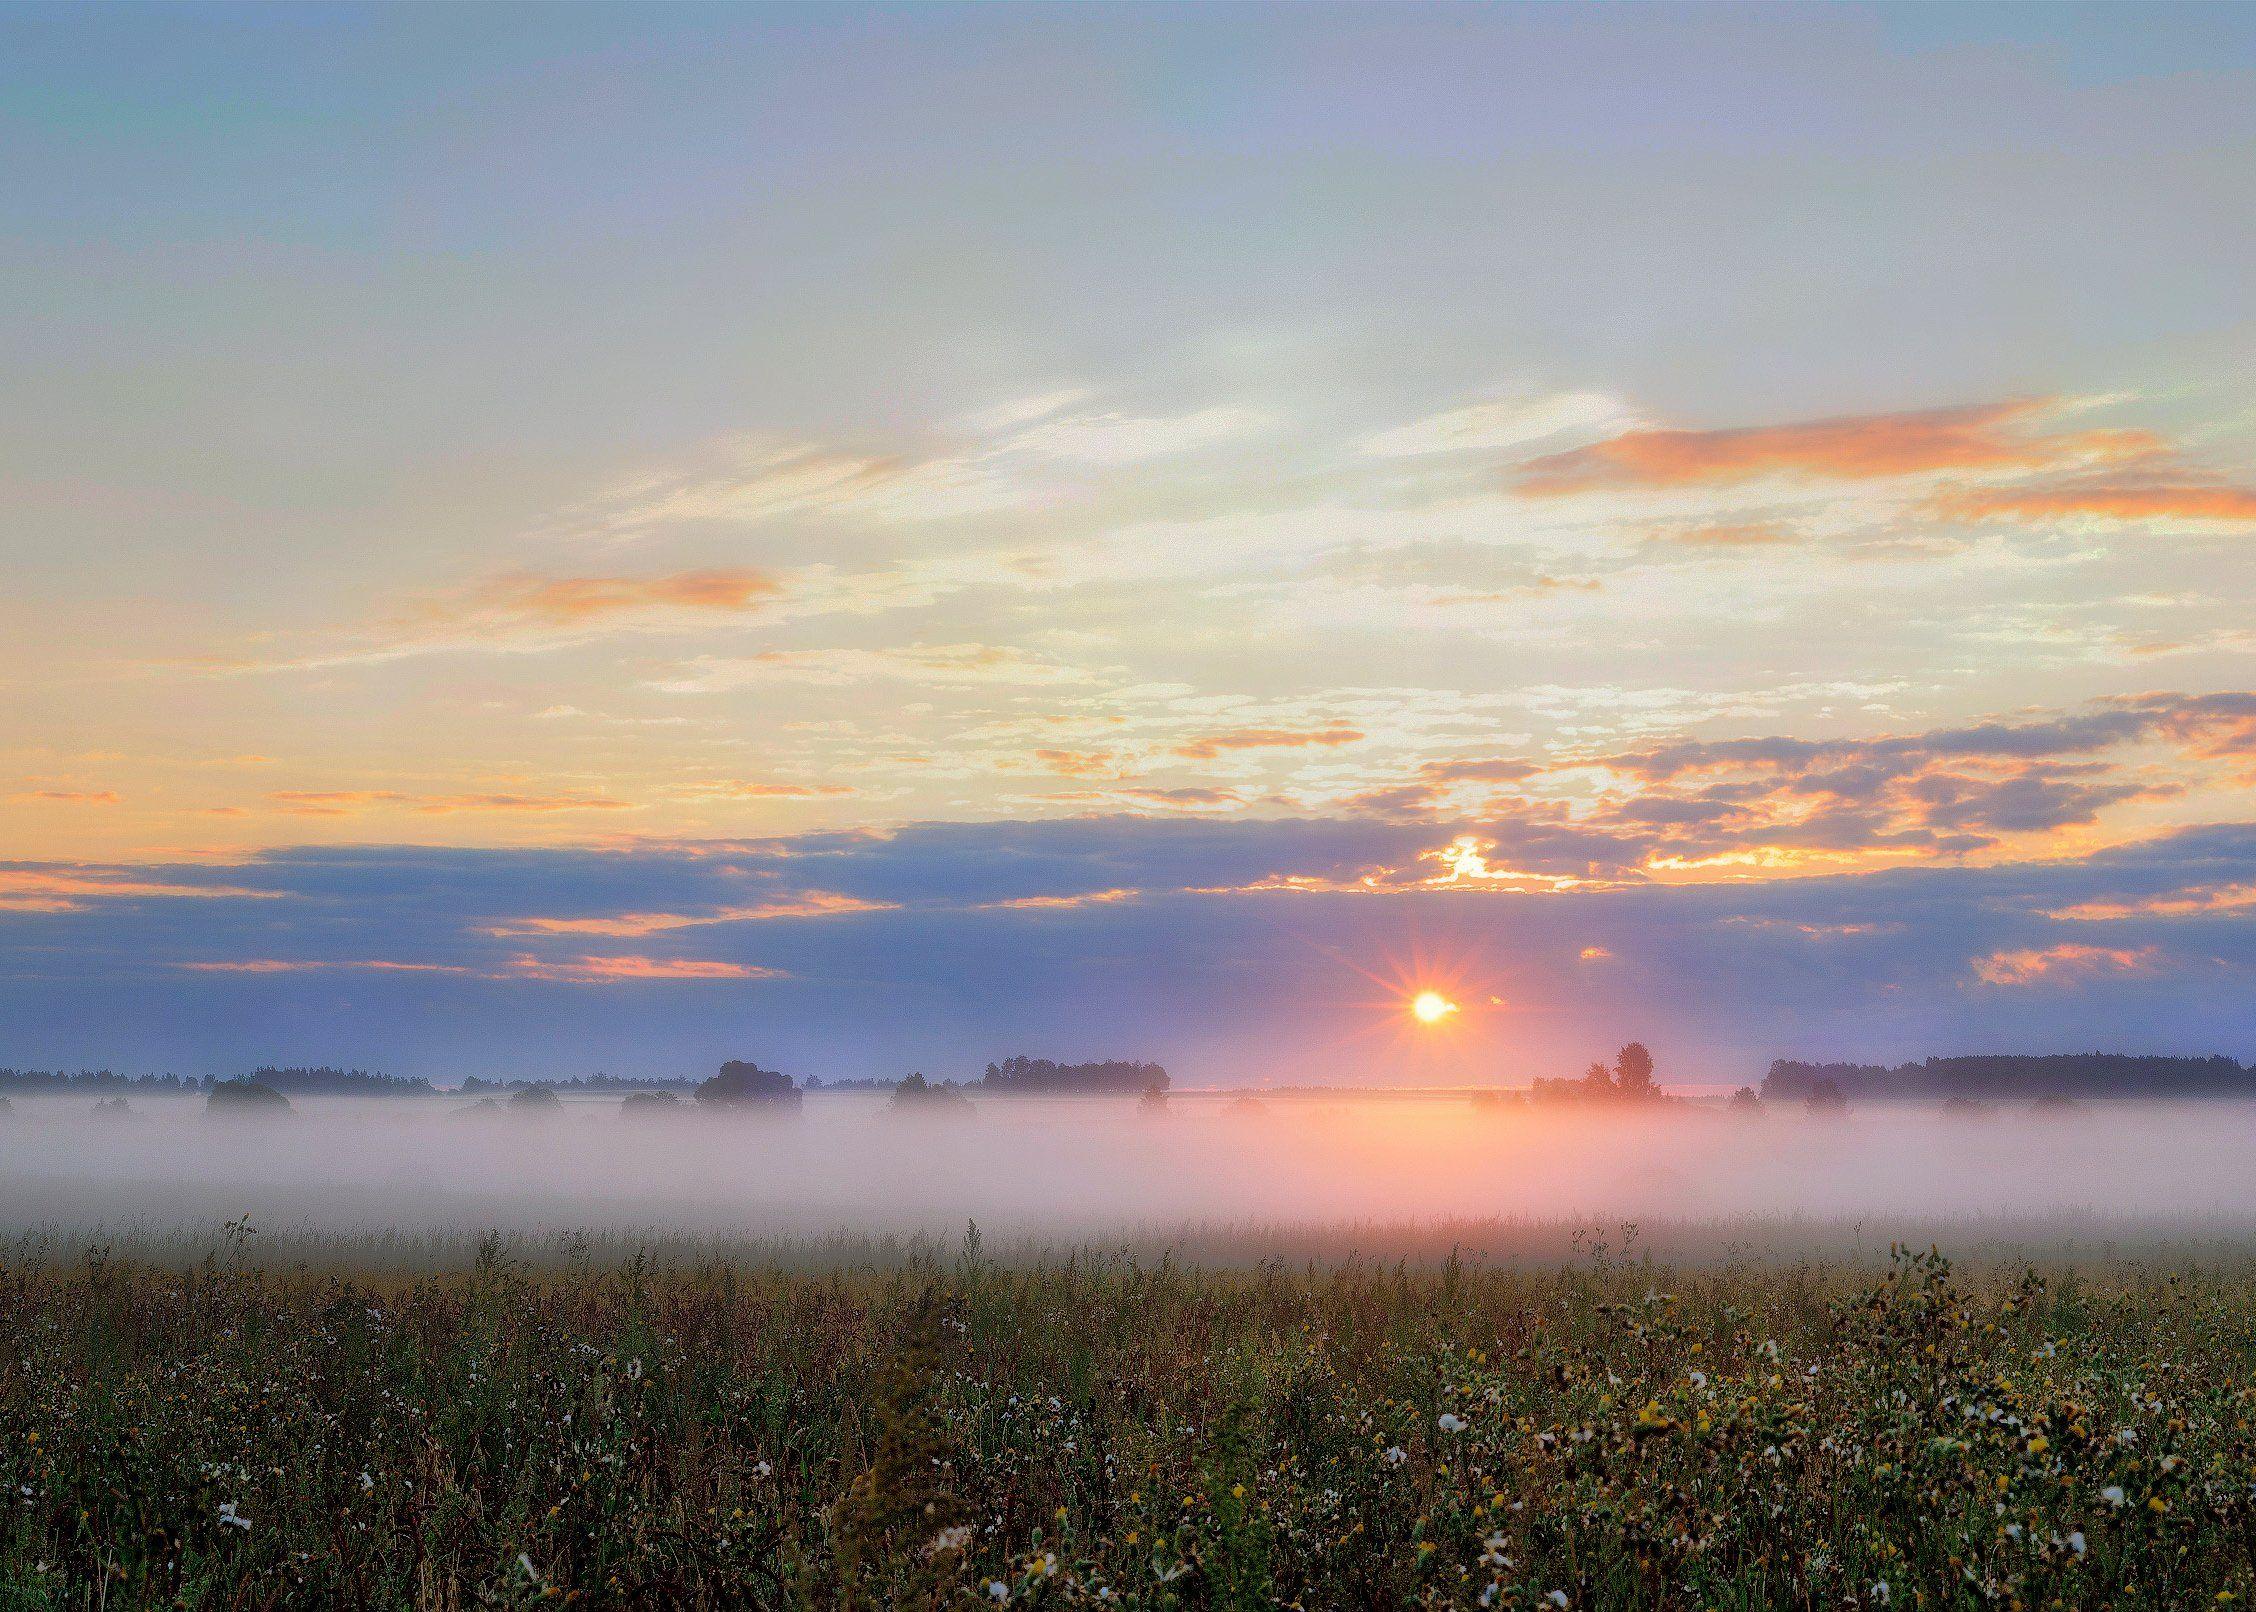 лето, поле, пейзаж, небо, туман, природа, россия, деревня, солнце, новая романовка, Павел Ныриков